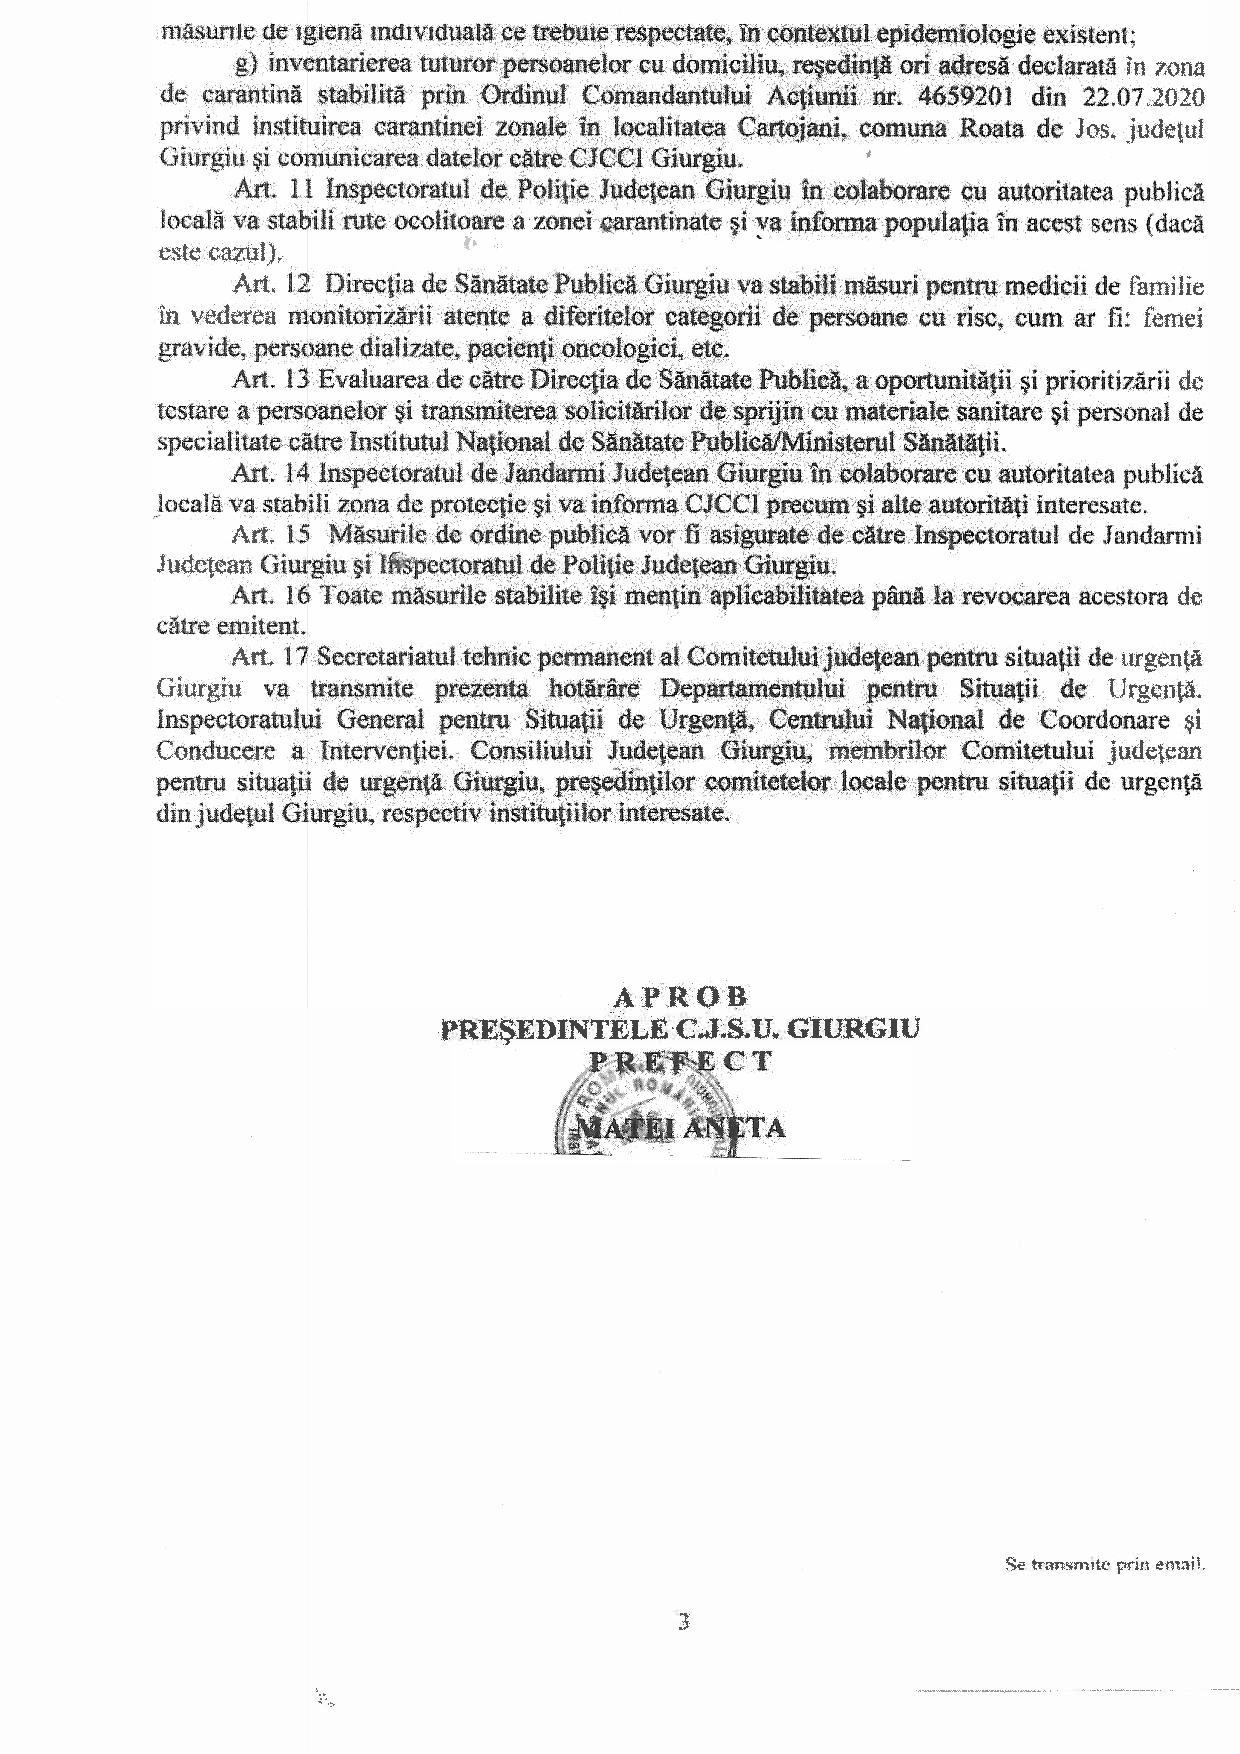 Hotărârea nr 25 din 22.07.2020 a Ministerului Afacerilor Interne, Instituția Prefectului - Județul Giurgiu - pagina 3